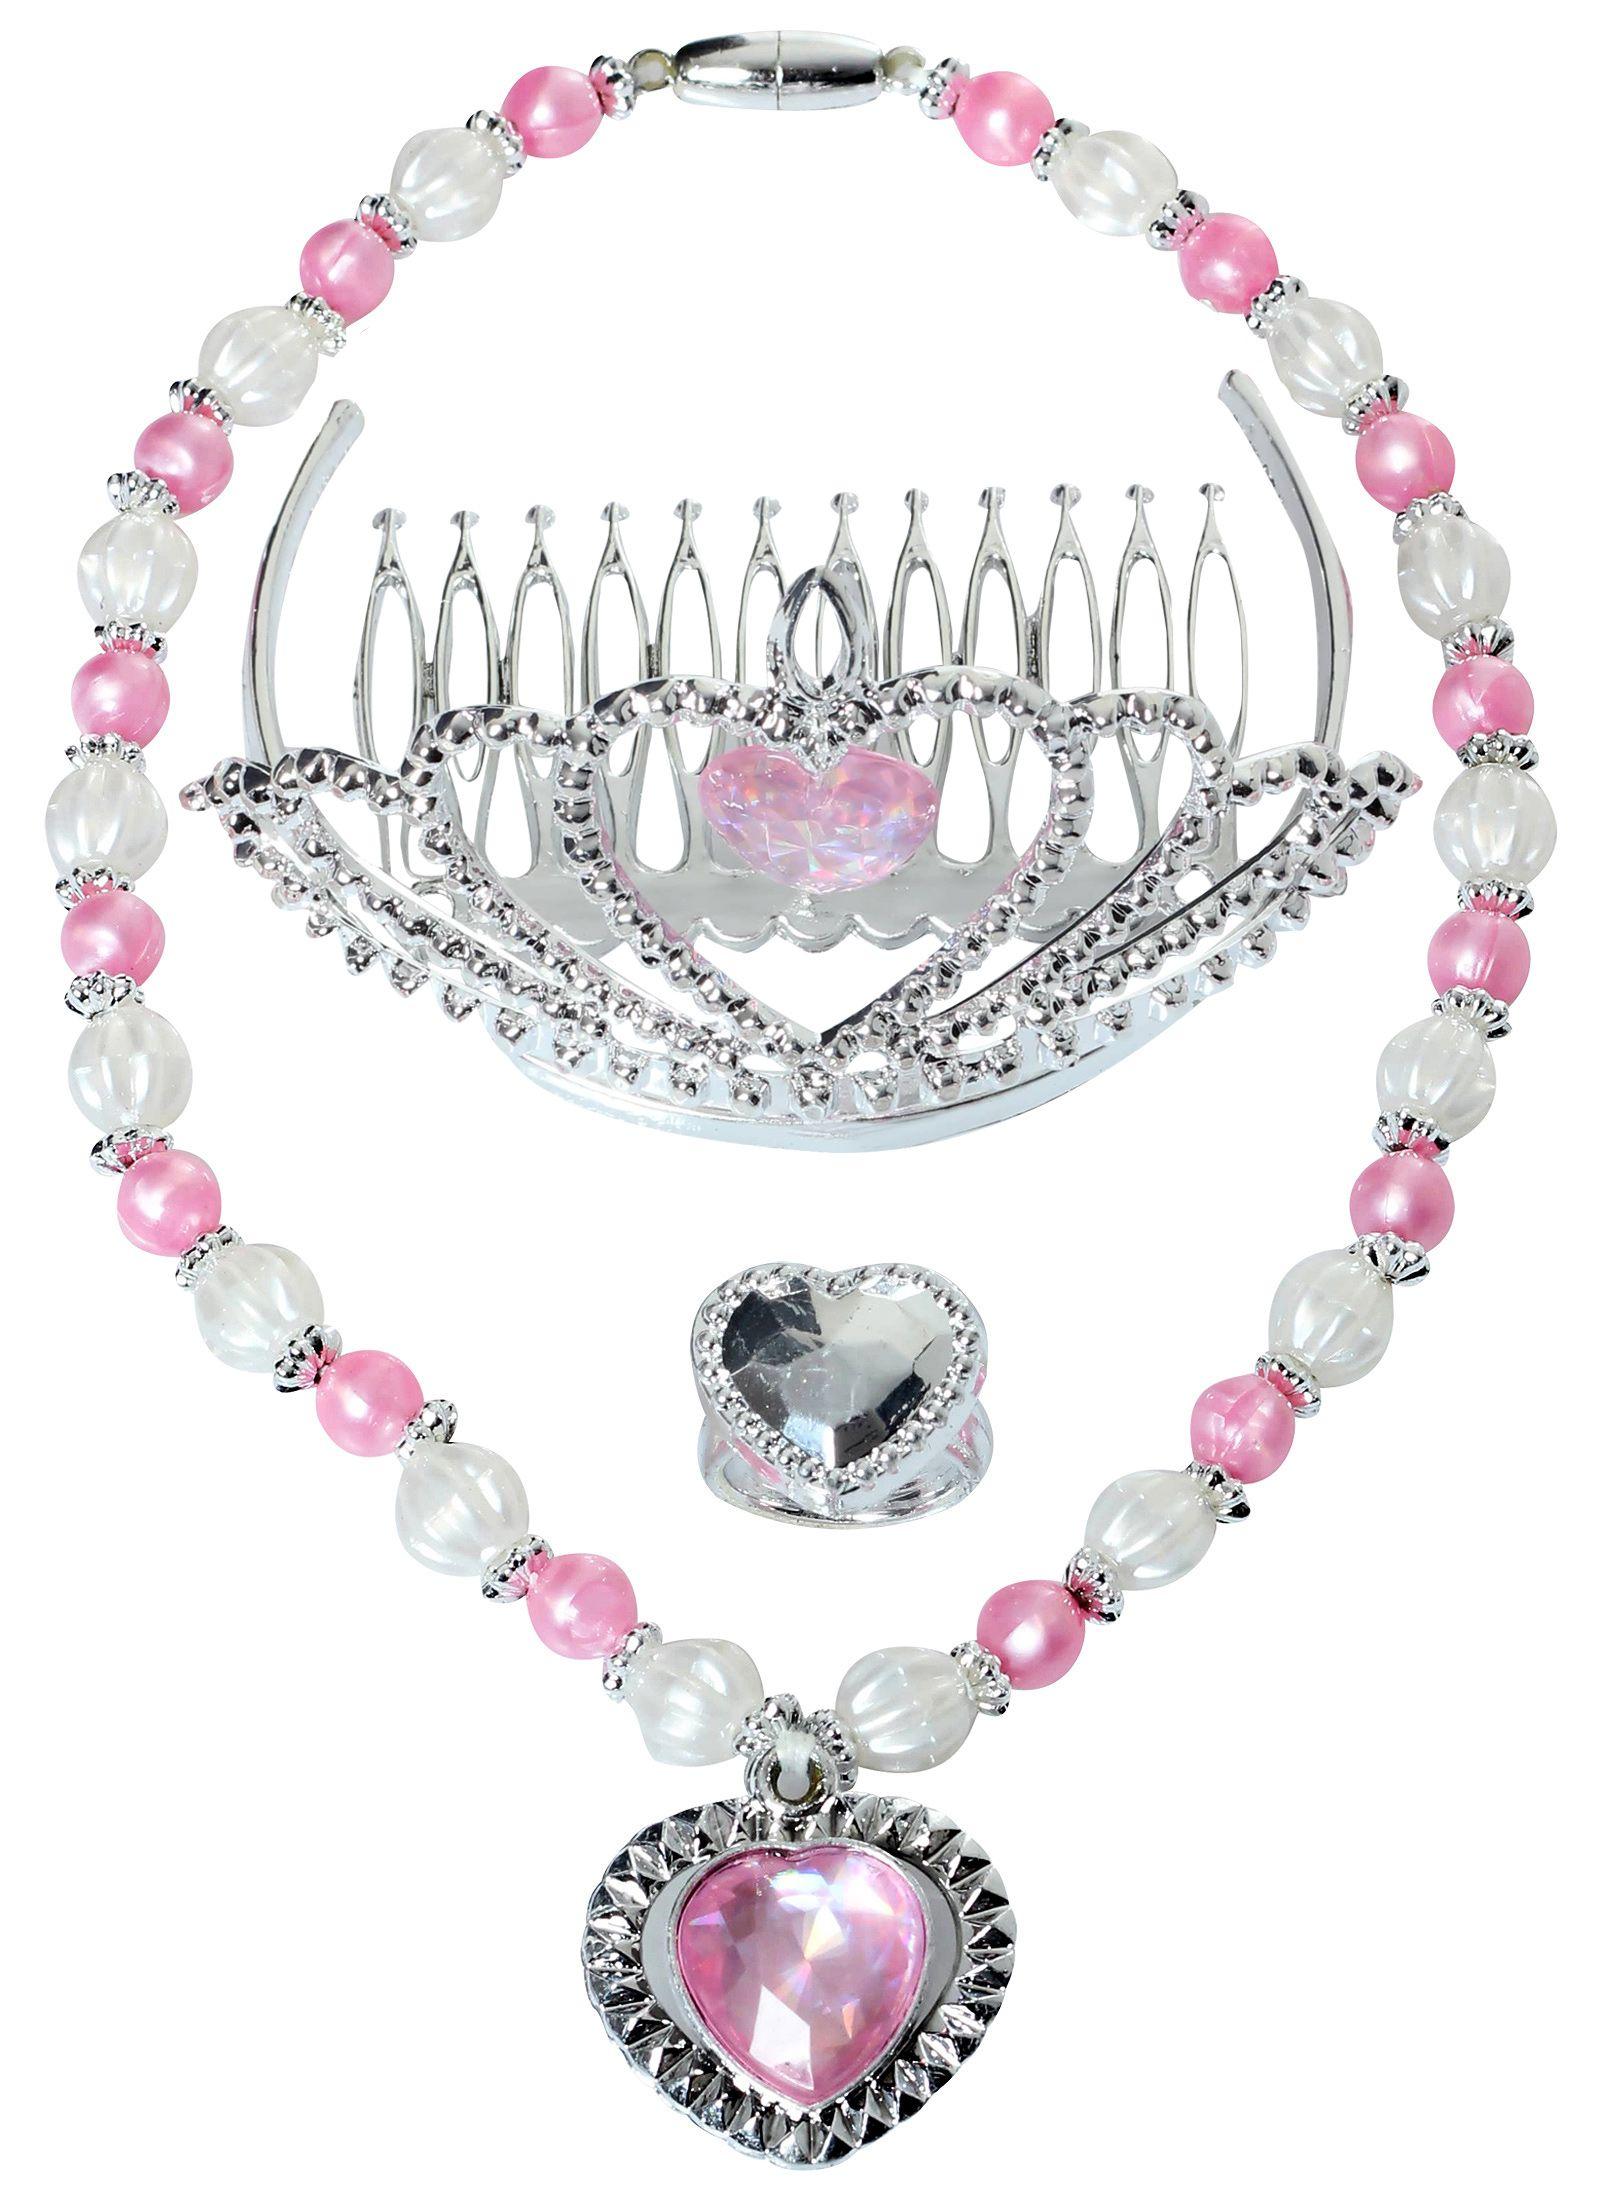 مجموعة رائعة من اكسسوارات البنات 2014 accessories for girls 126